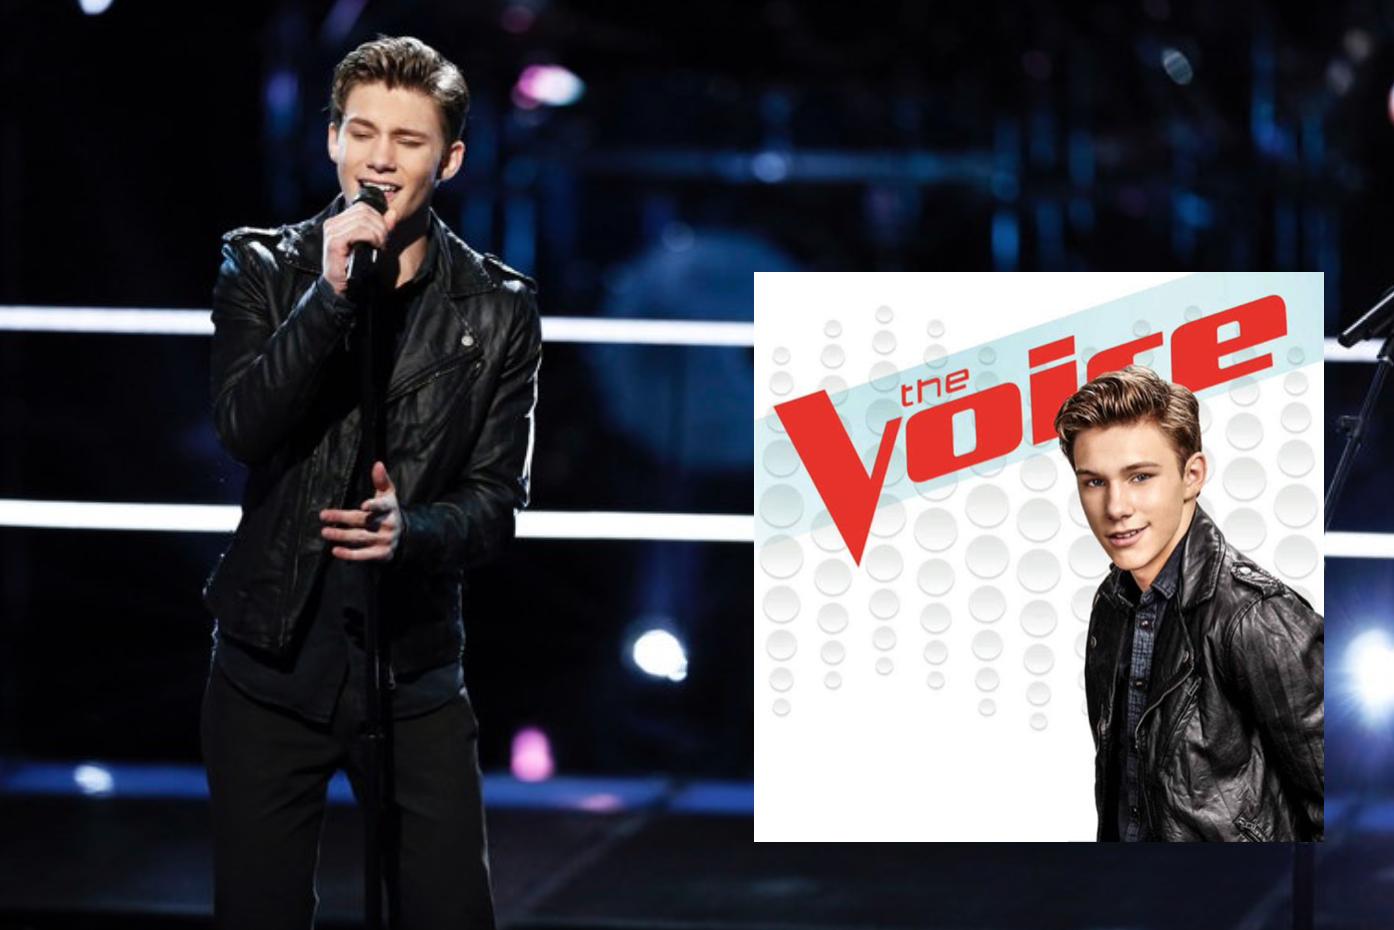 JOSH BATSTONE - The Voice Contestant